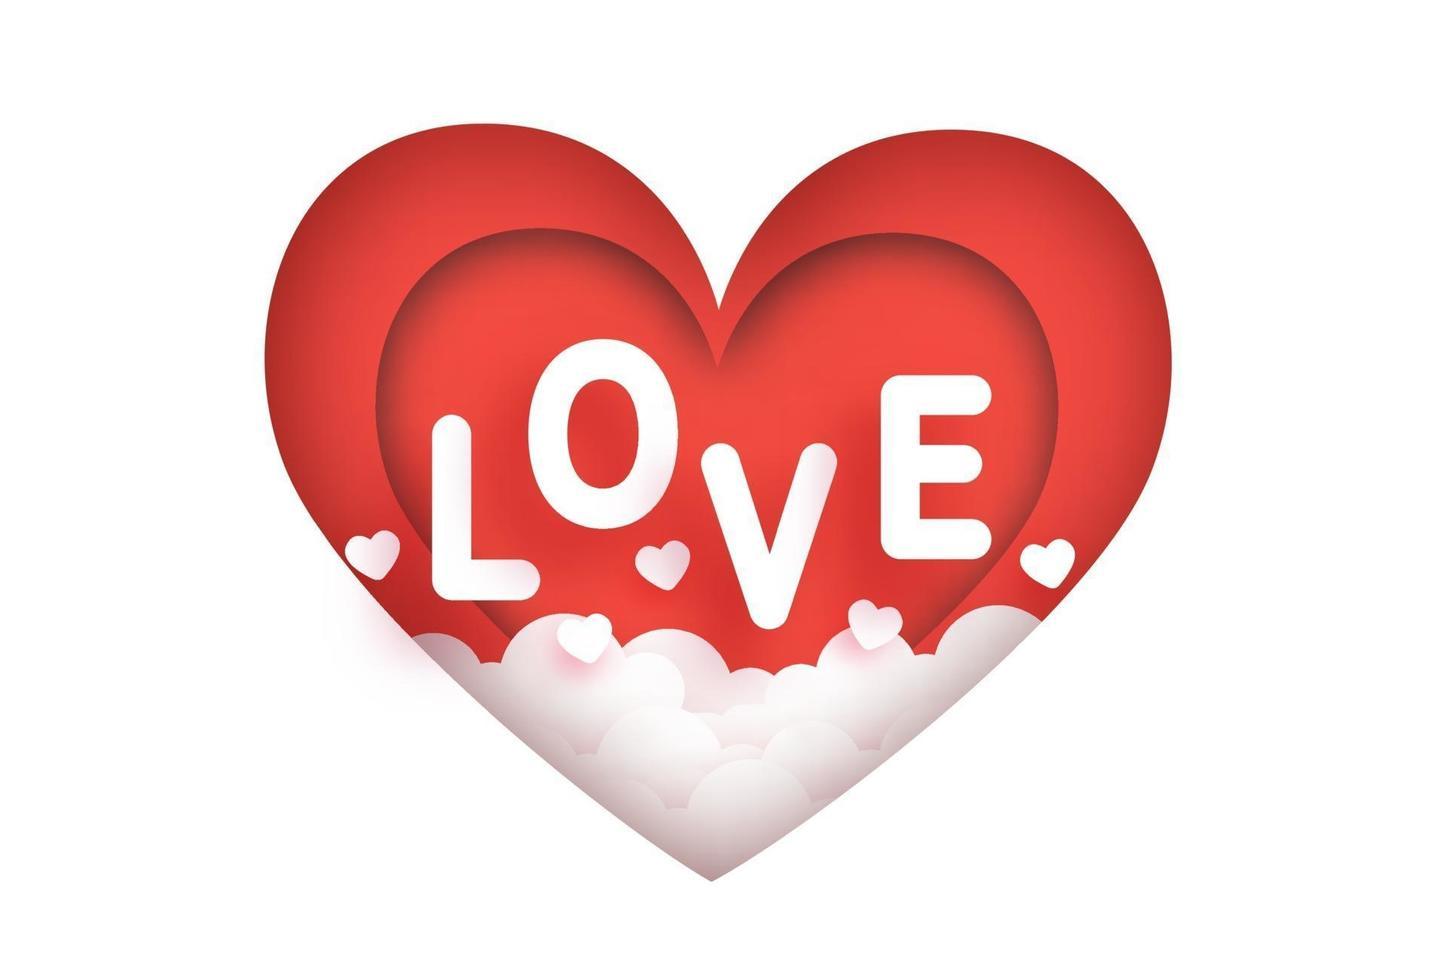 Alla hjärtans dag gratulationskort med kärleksord. vektor